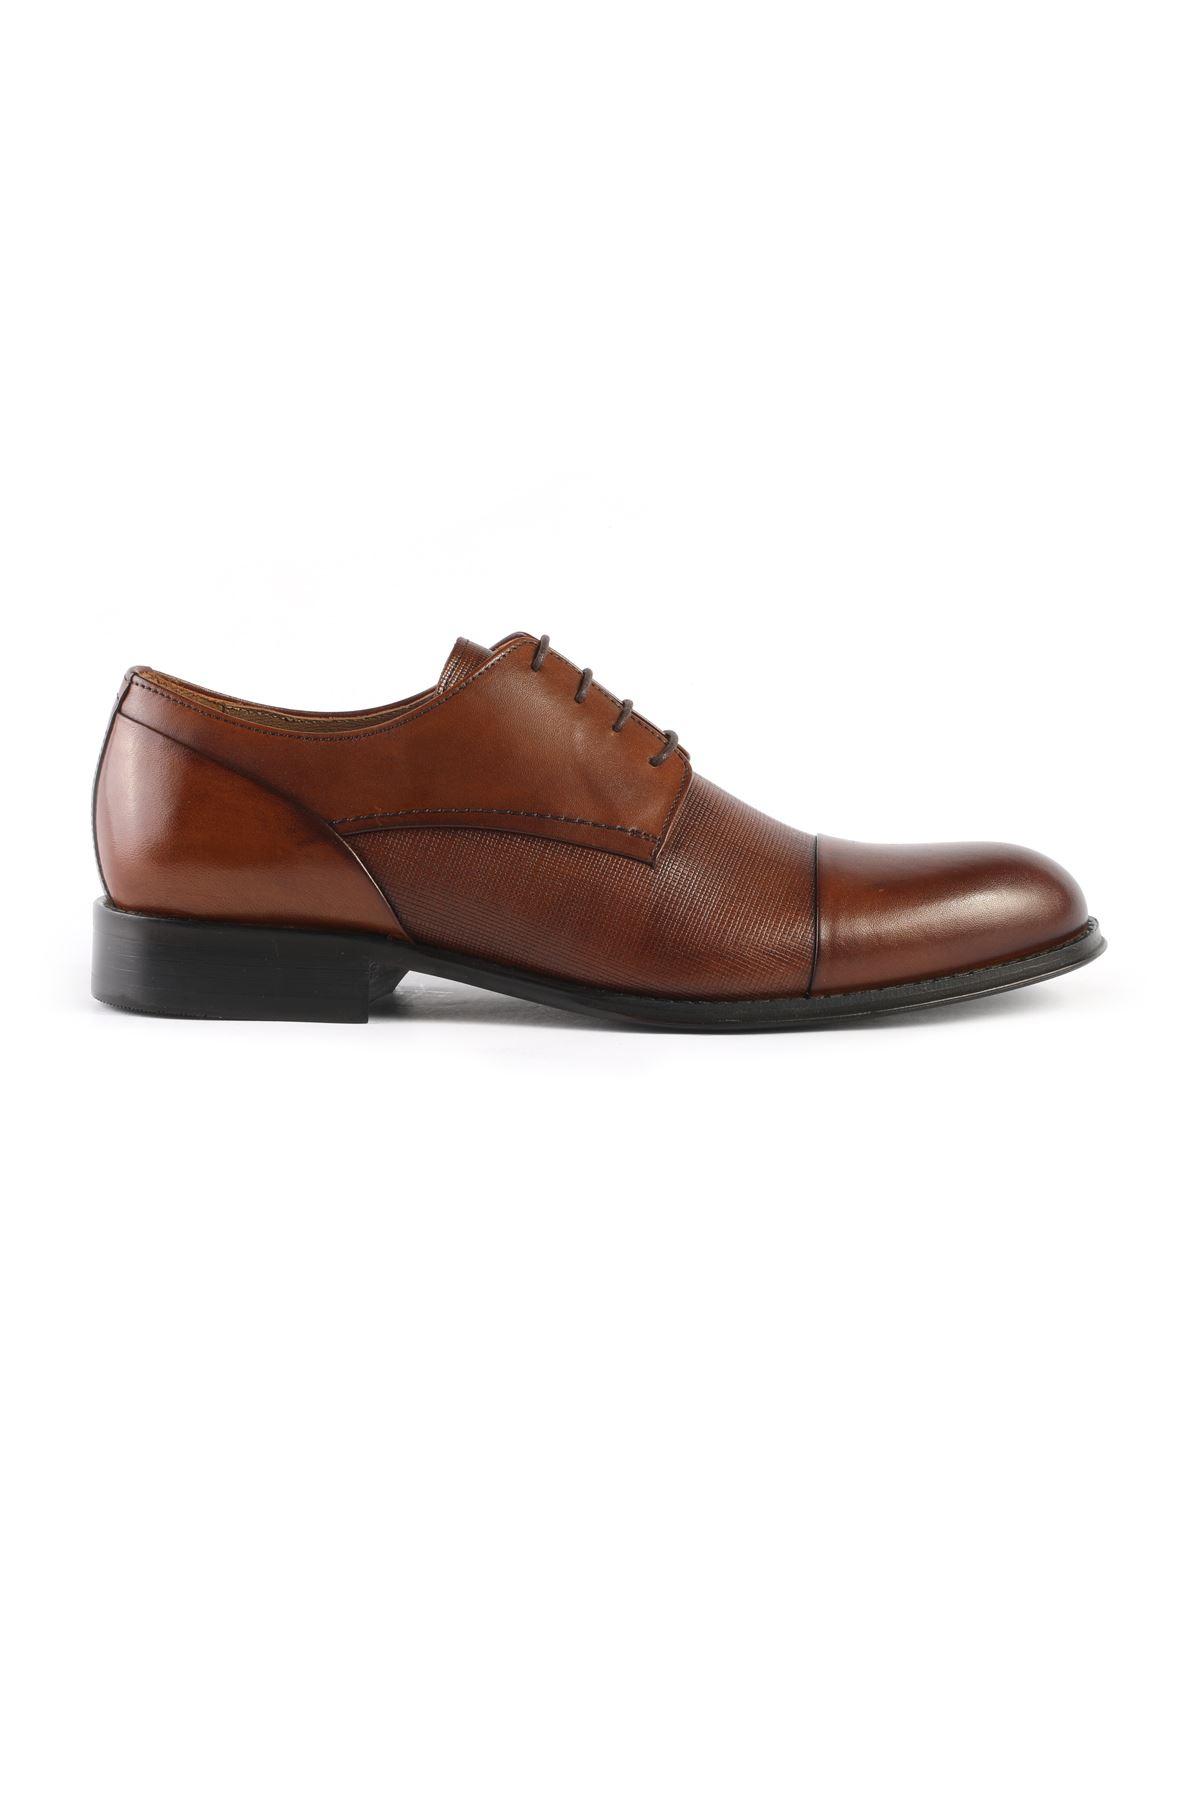 Libero L3035 Tan Classic Shoes